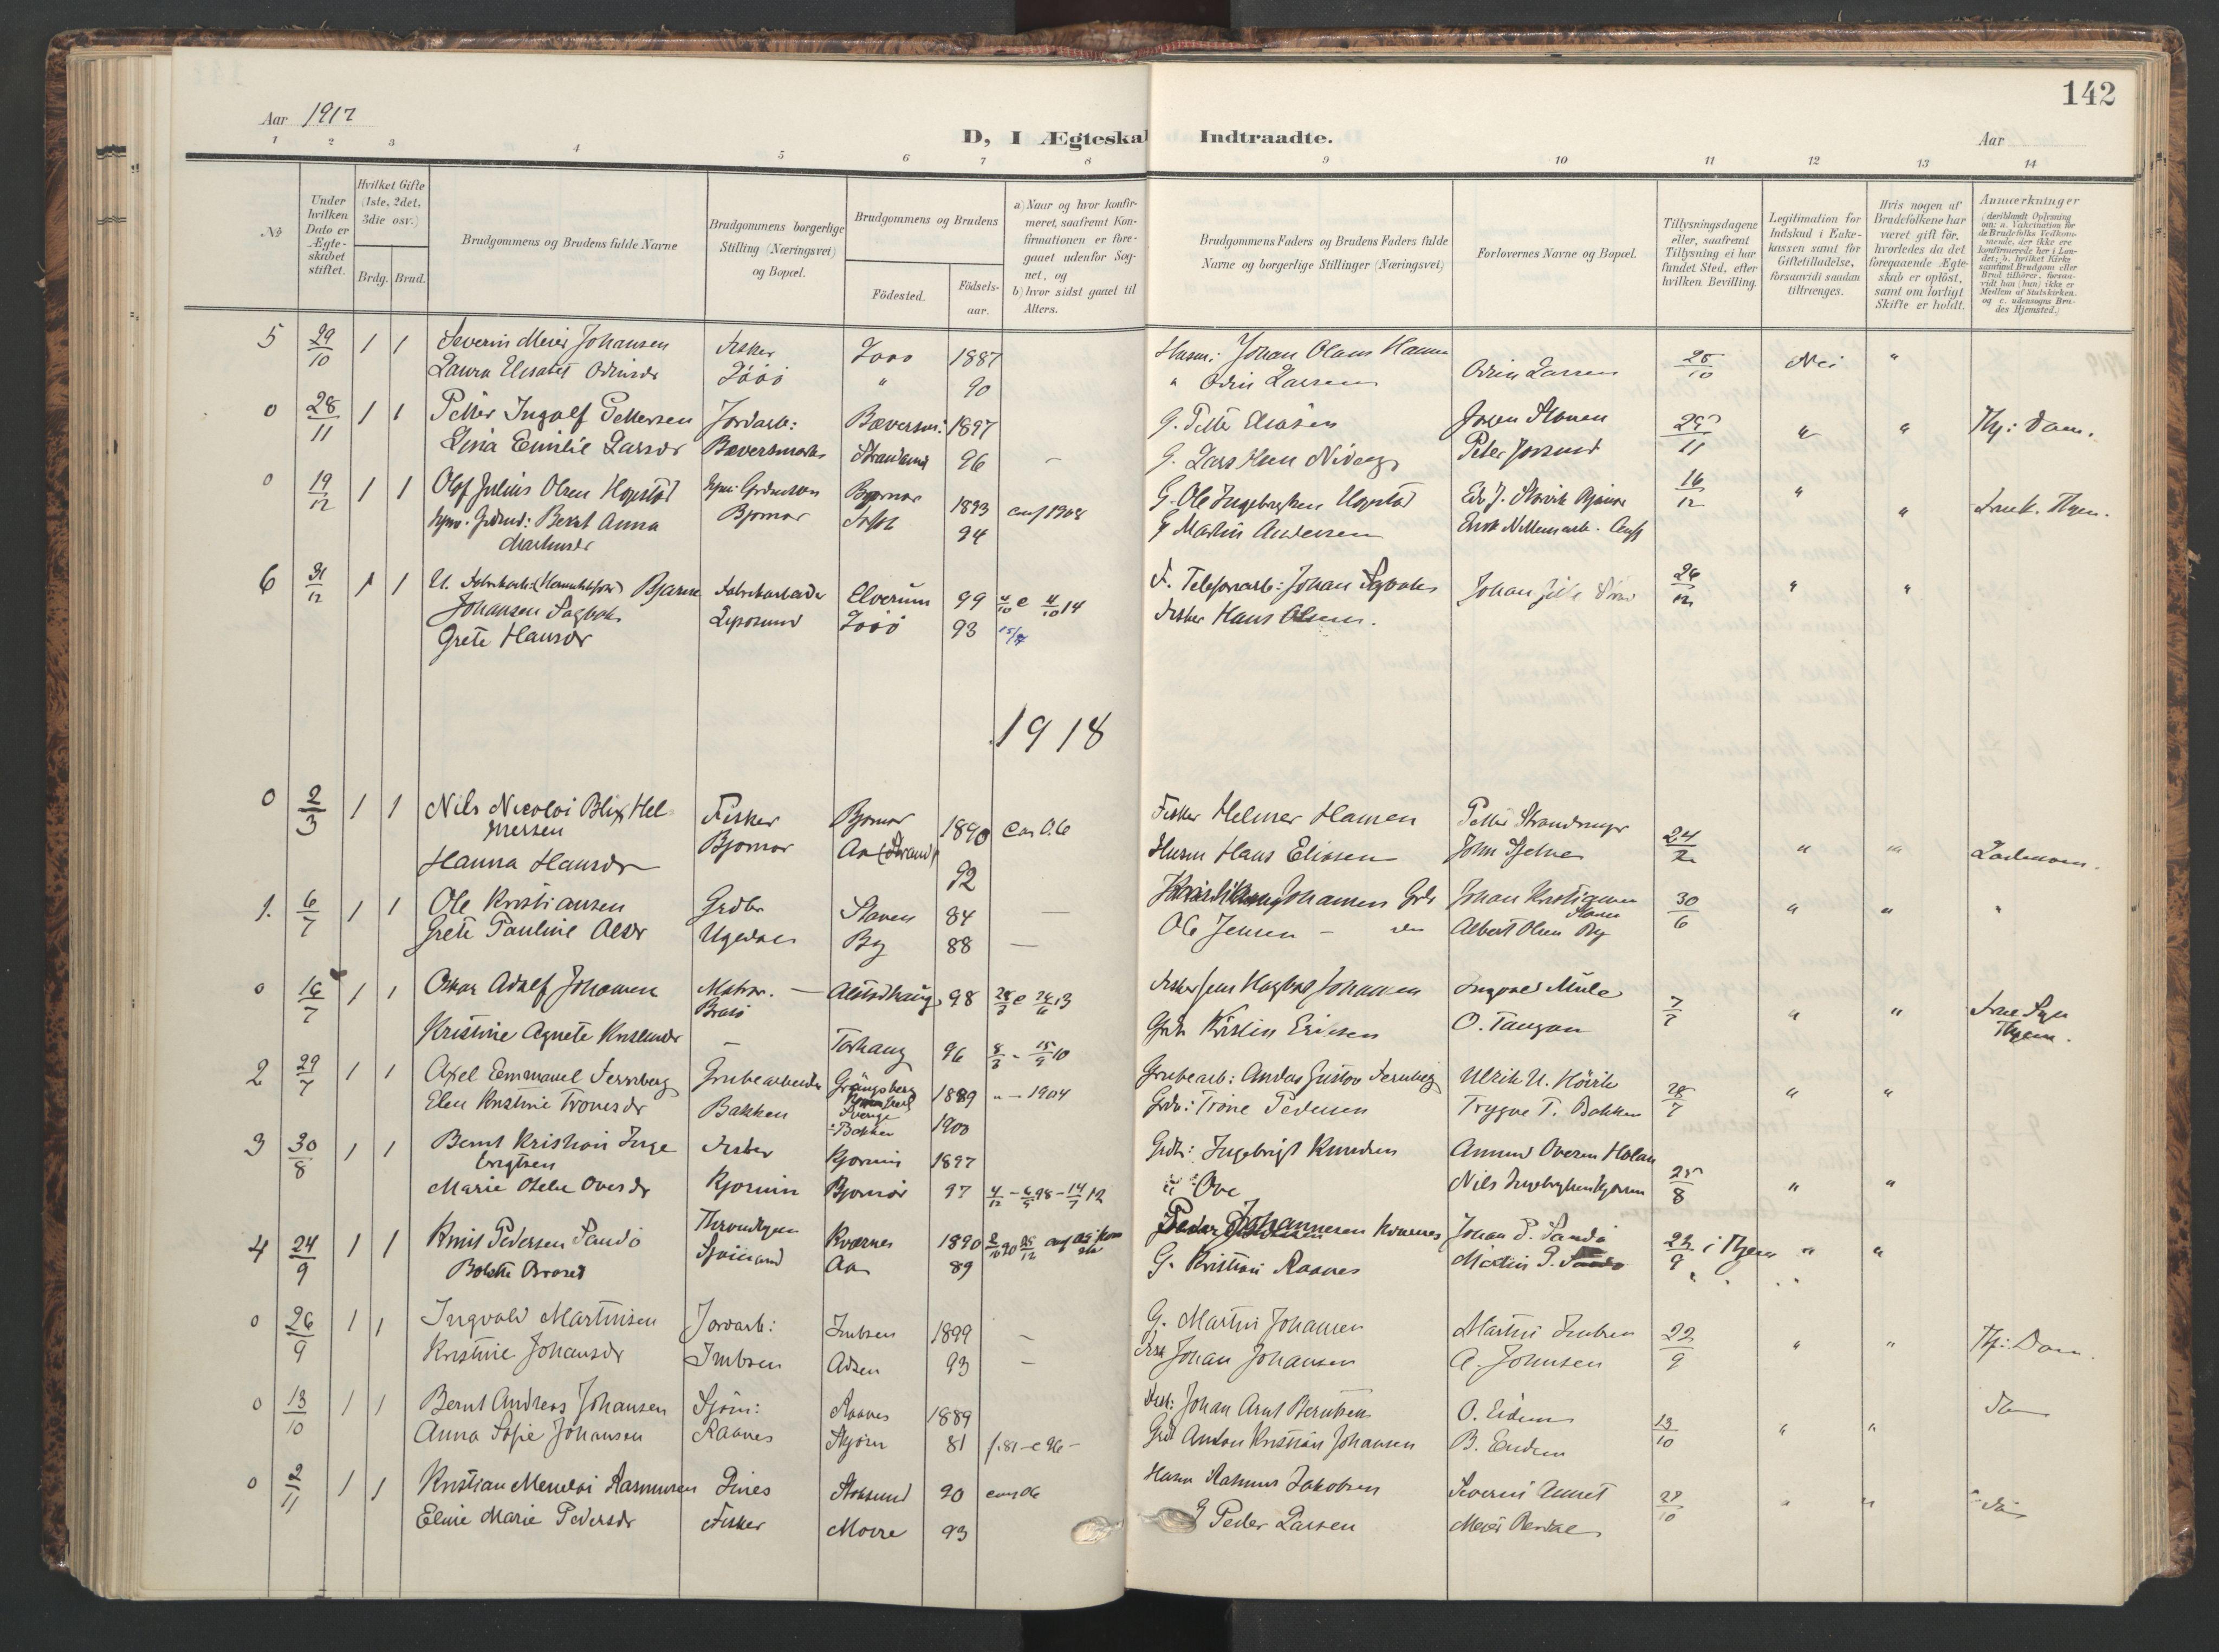 SAT, Ministerialprotokoller, klokkerbøker og fødselsregistre - Sør-Trøndelag, 655/L0682: Ministerialbok nr. 655A11, 1908-1922, s. 142